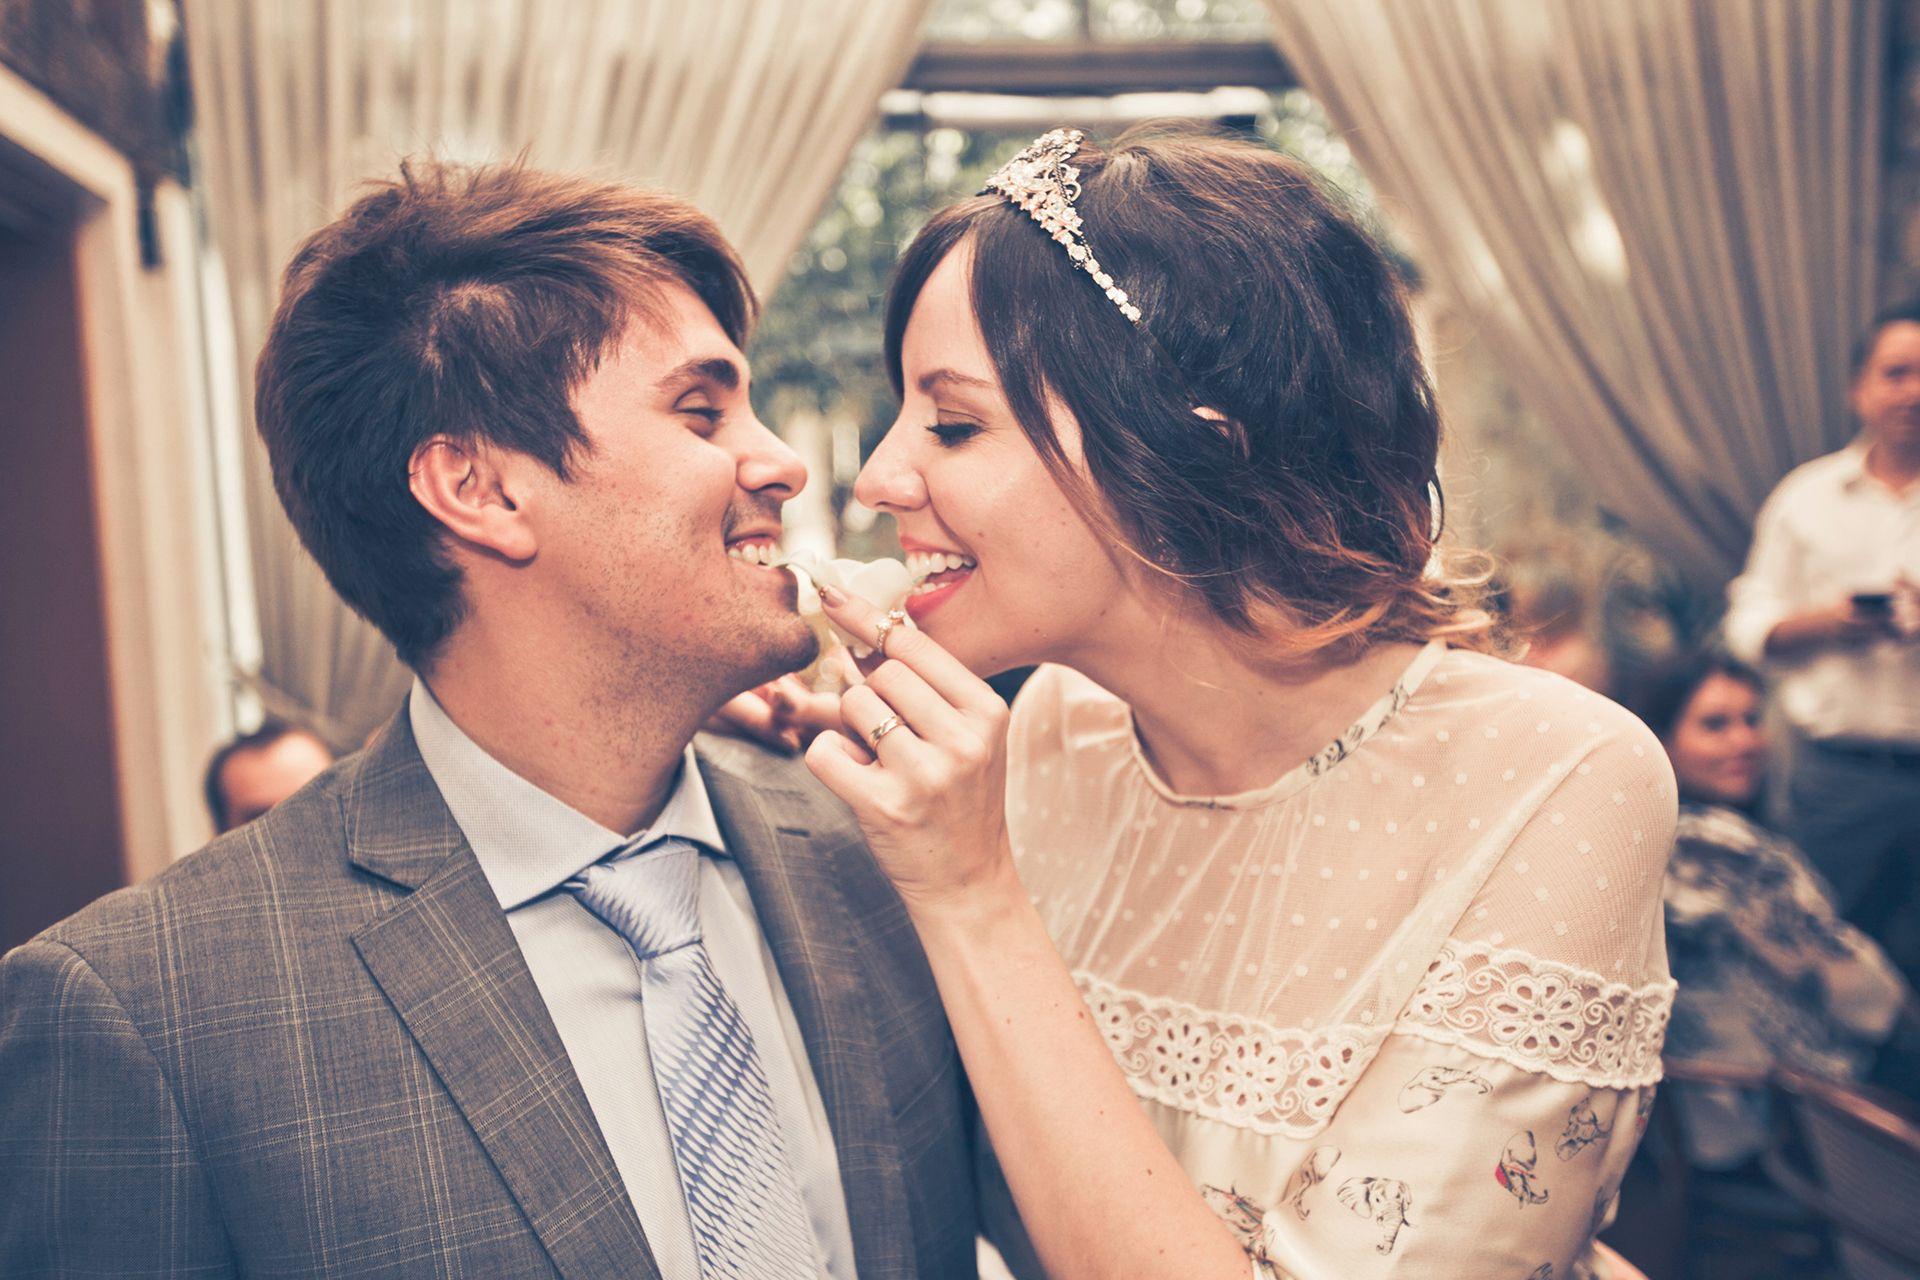 Casamento Civil Cerimonia No Cartorio E Almoco Casamento No